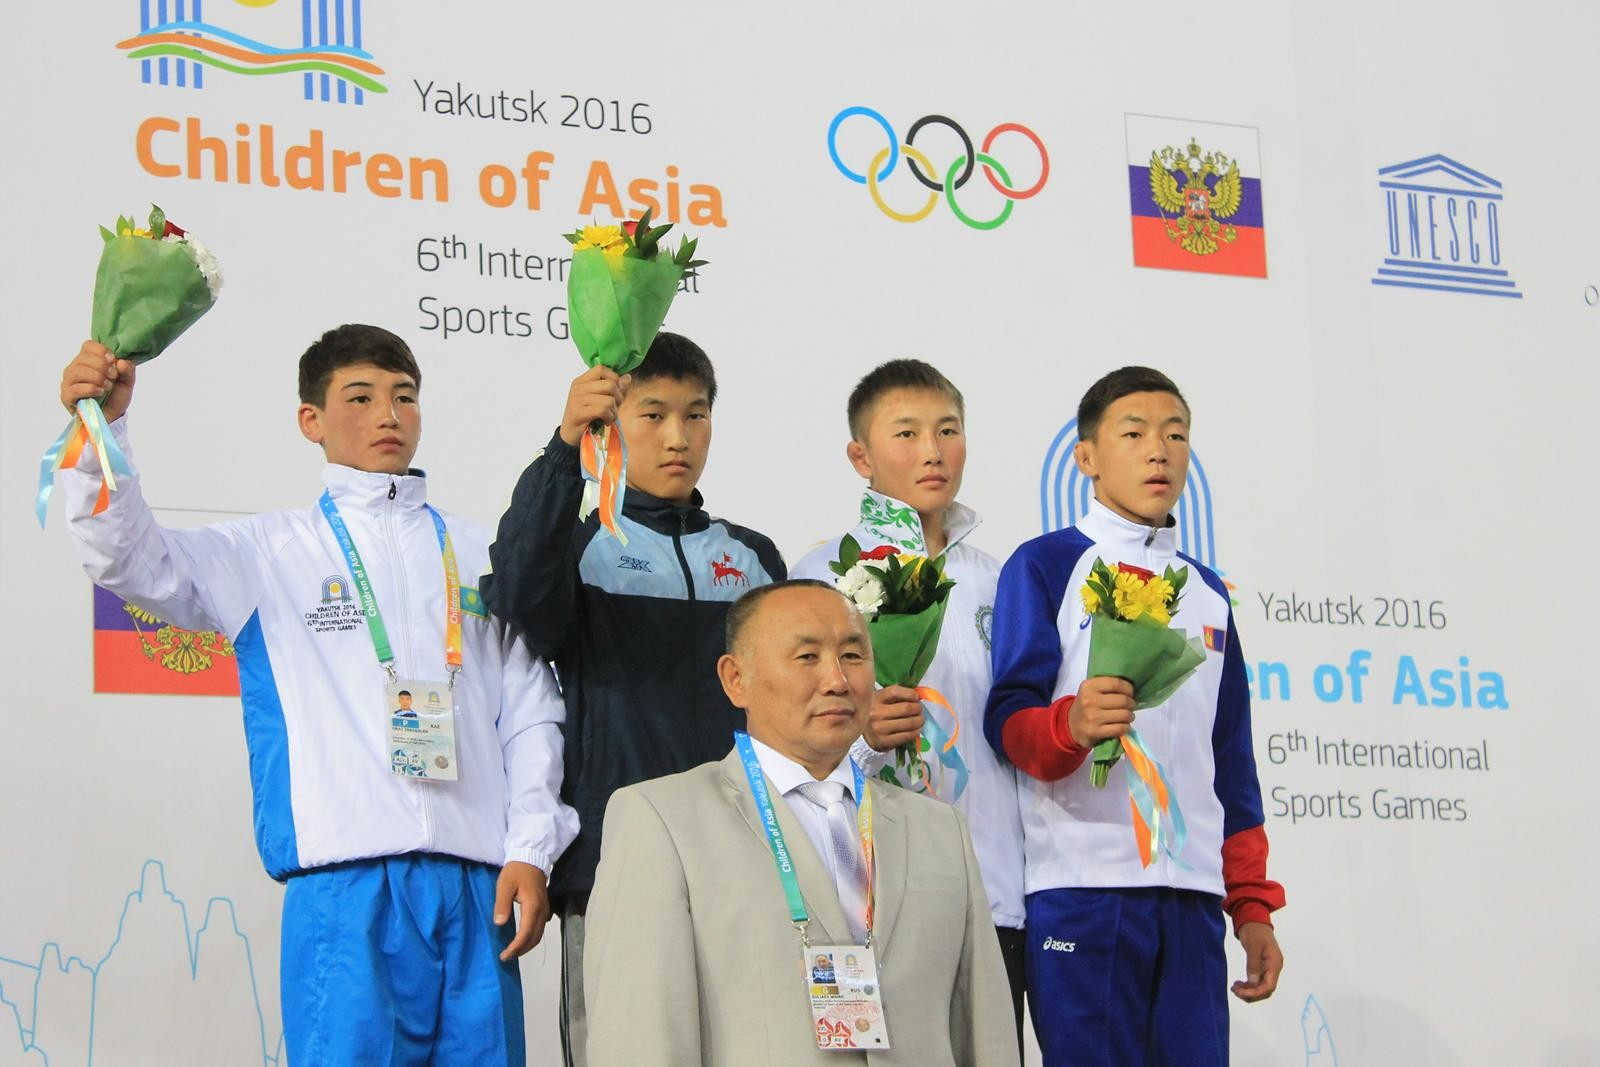 Смотри! Дети Азии в 2019 году: международные соревнования, обзор рекомендации